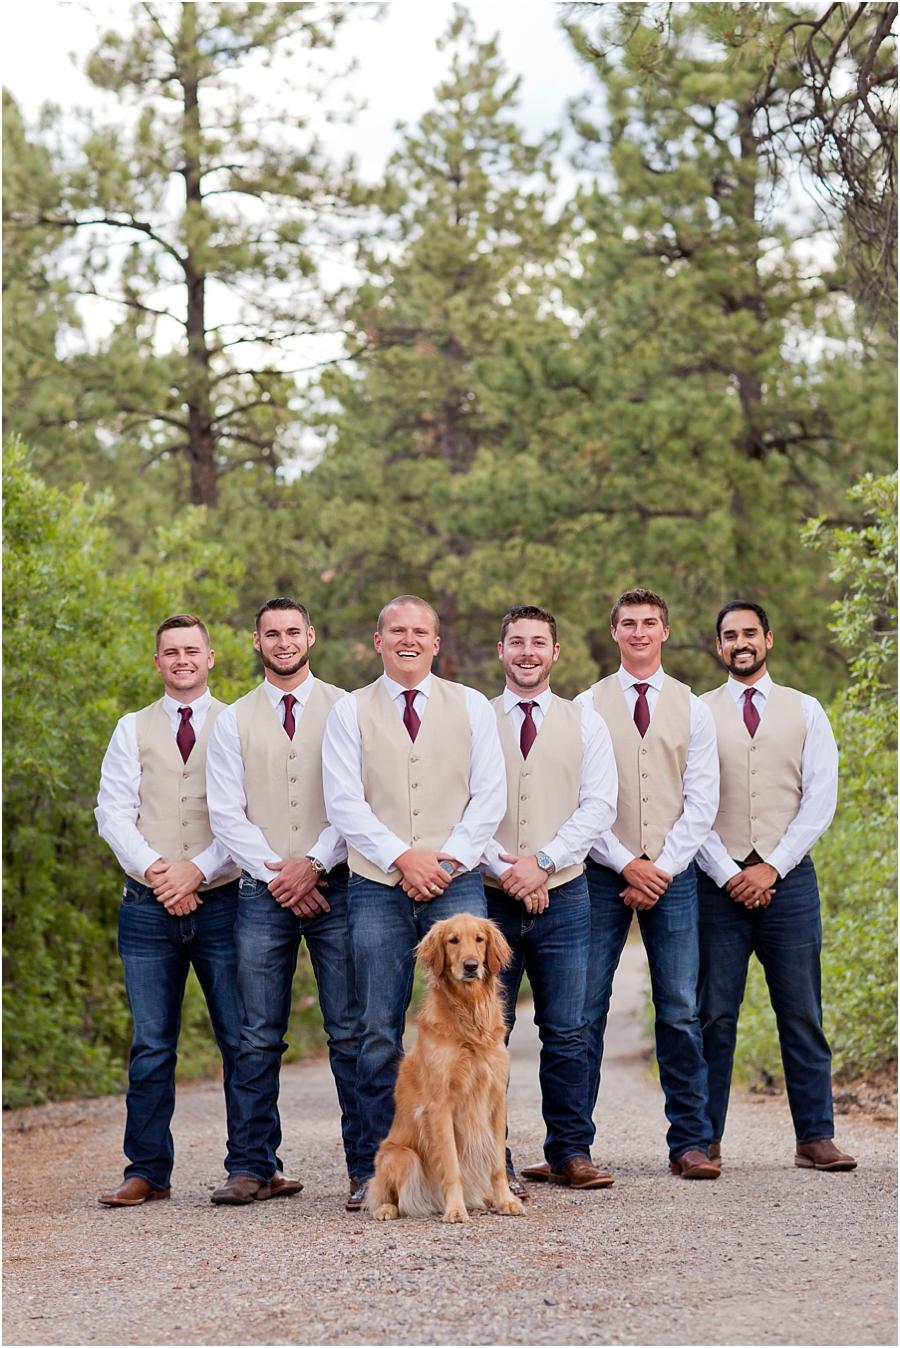 durango-colorado-dog-friendly-wedding-venues.jpg